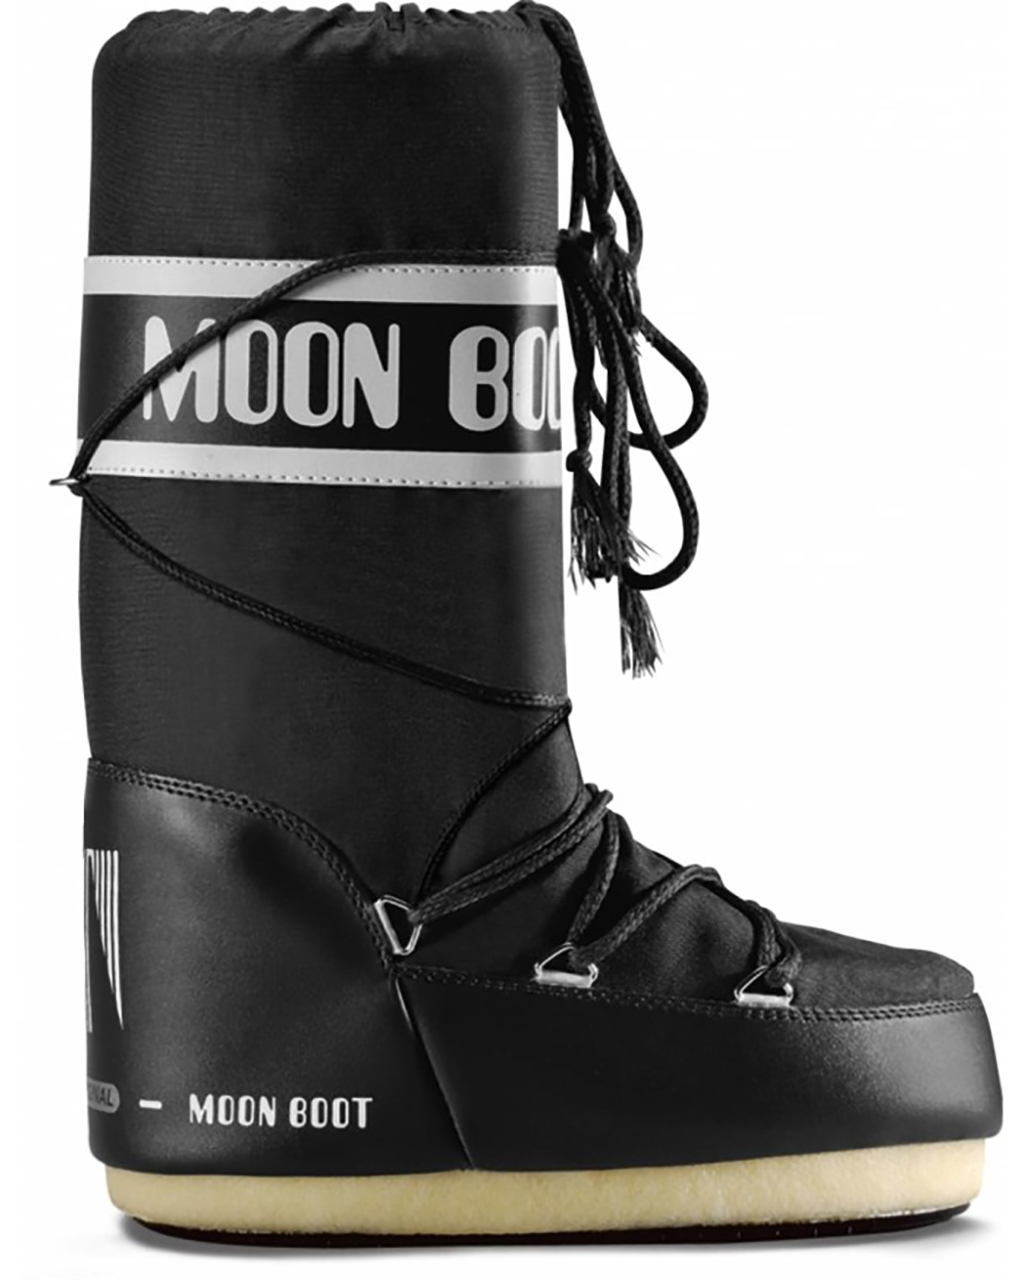 Moon Boot Nylon Black Svarta klassiska vinterstövlar